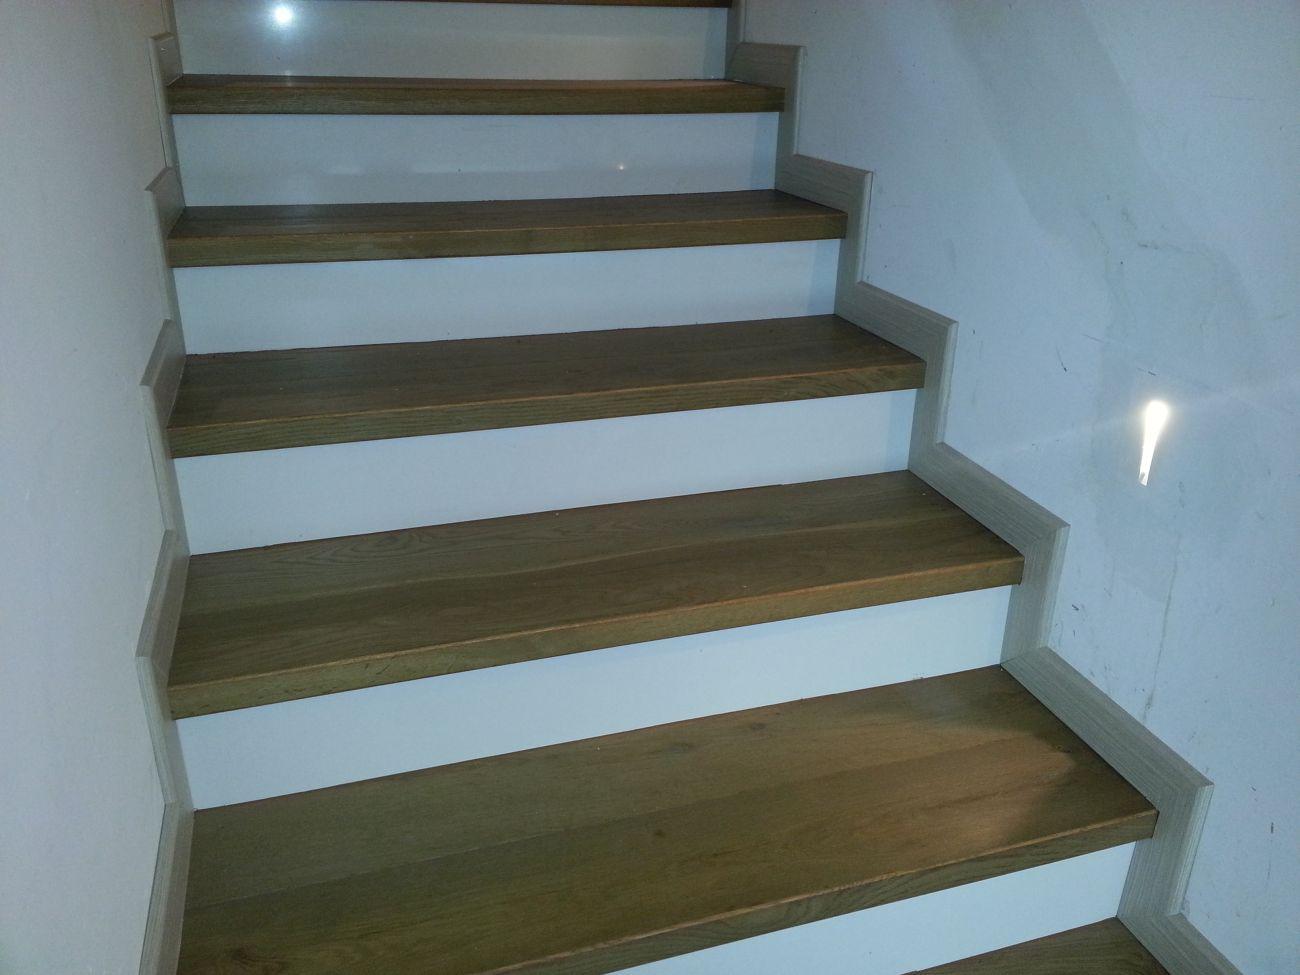 Piastrelle scale interne scale per interni in legno scale for Mattonelle per scale interne